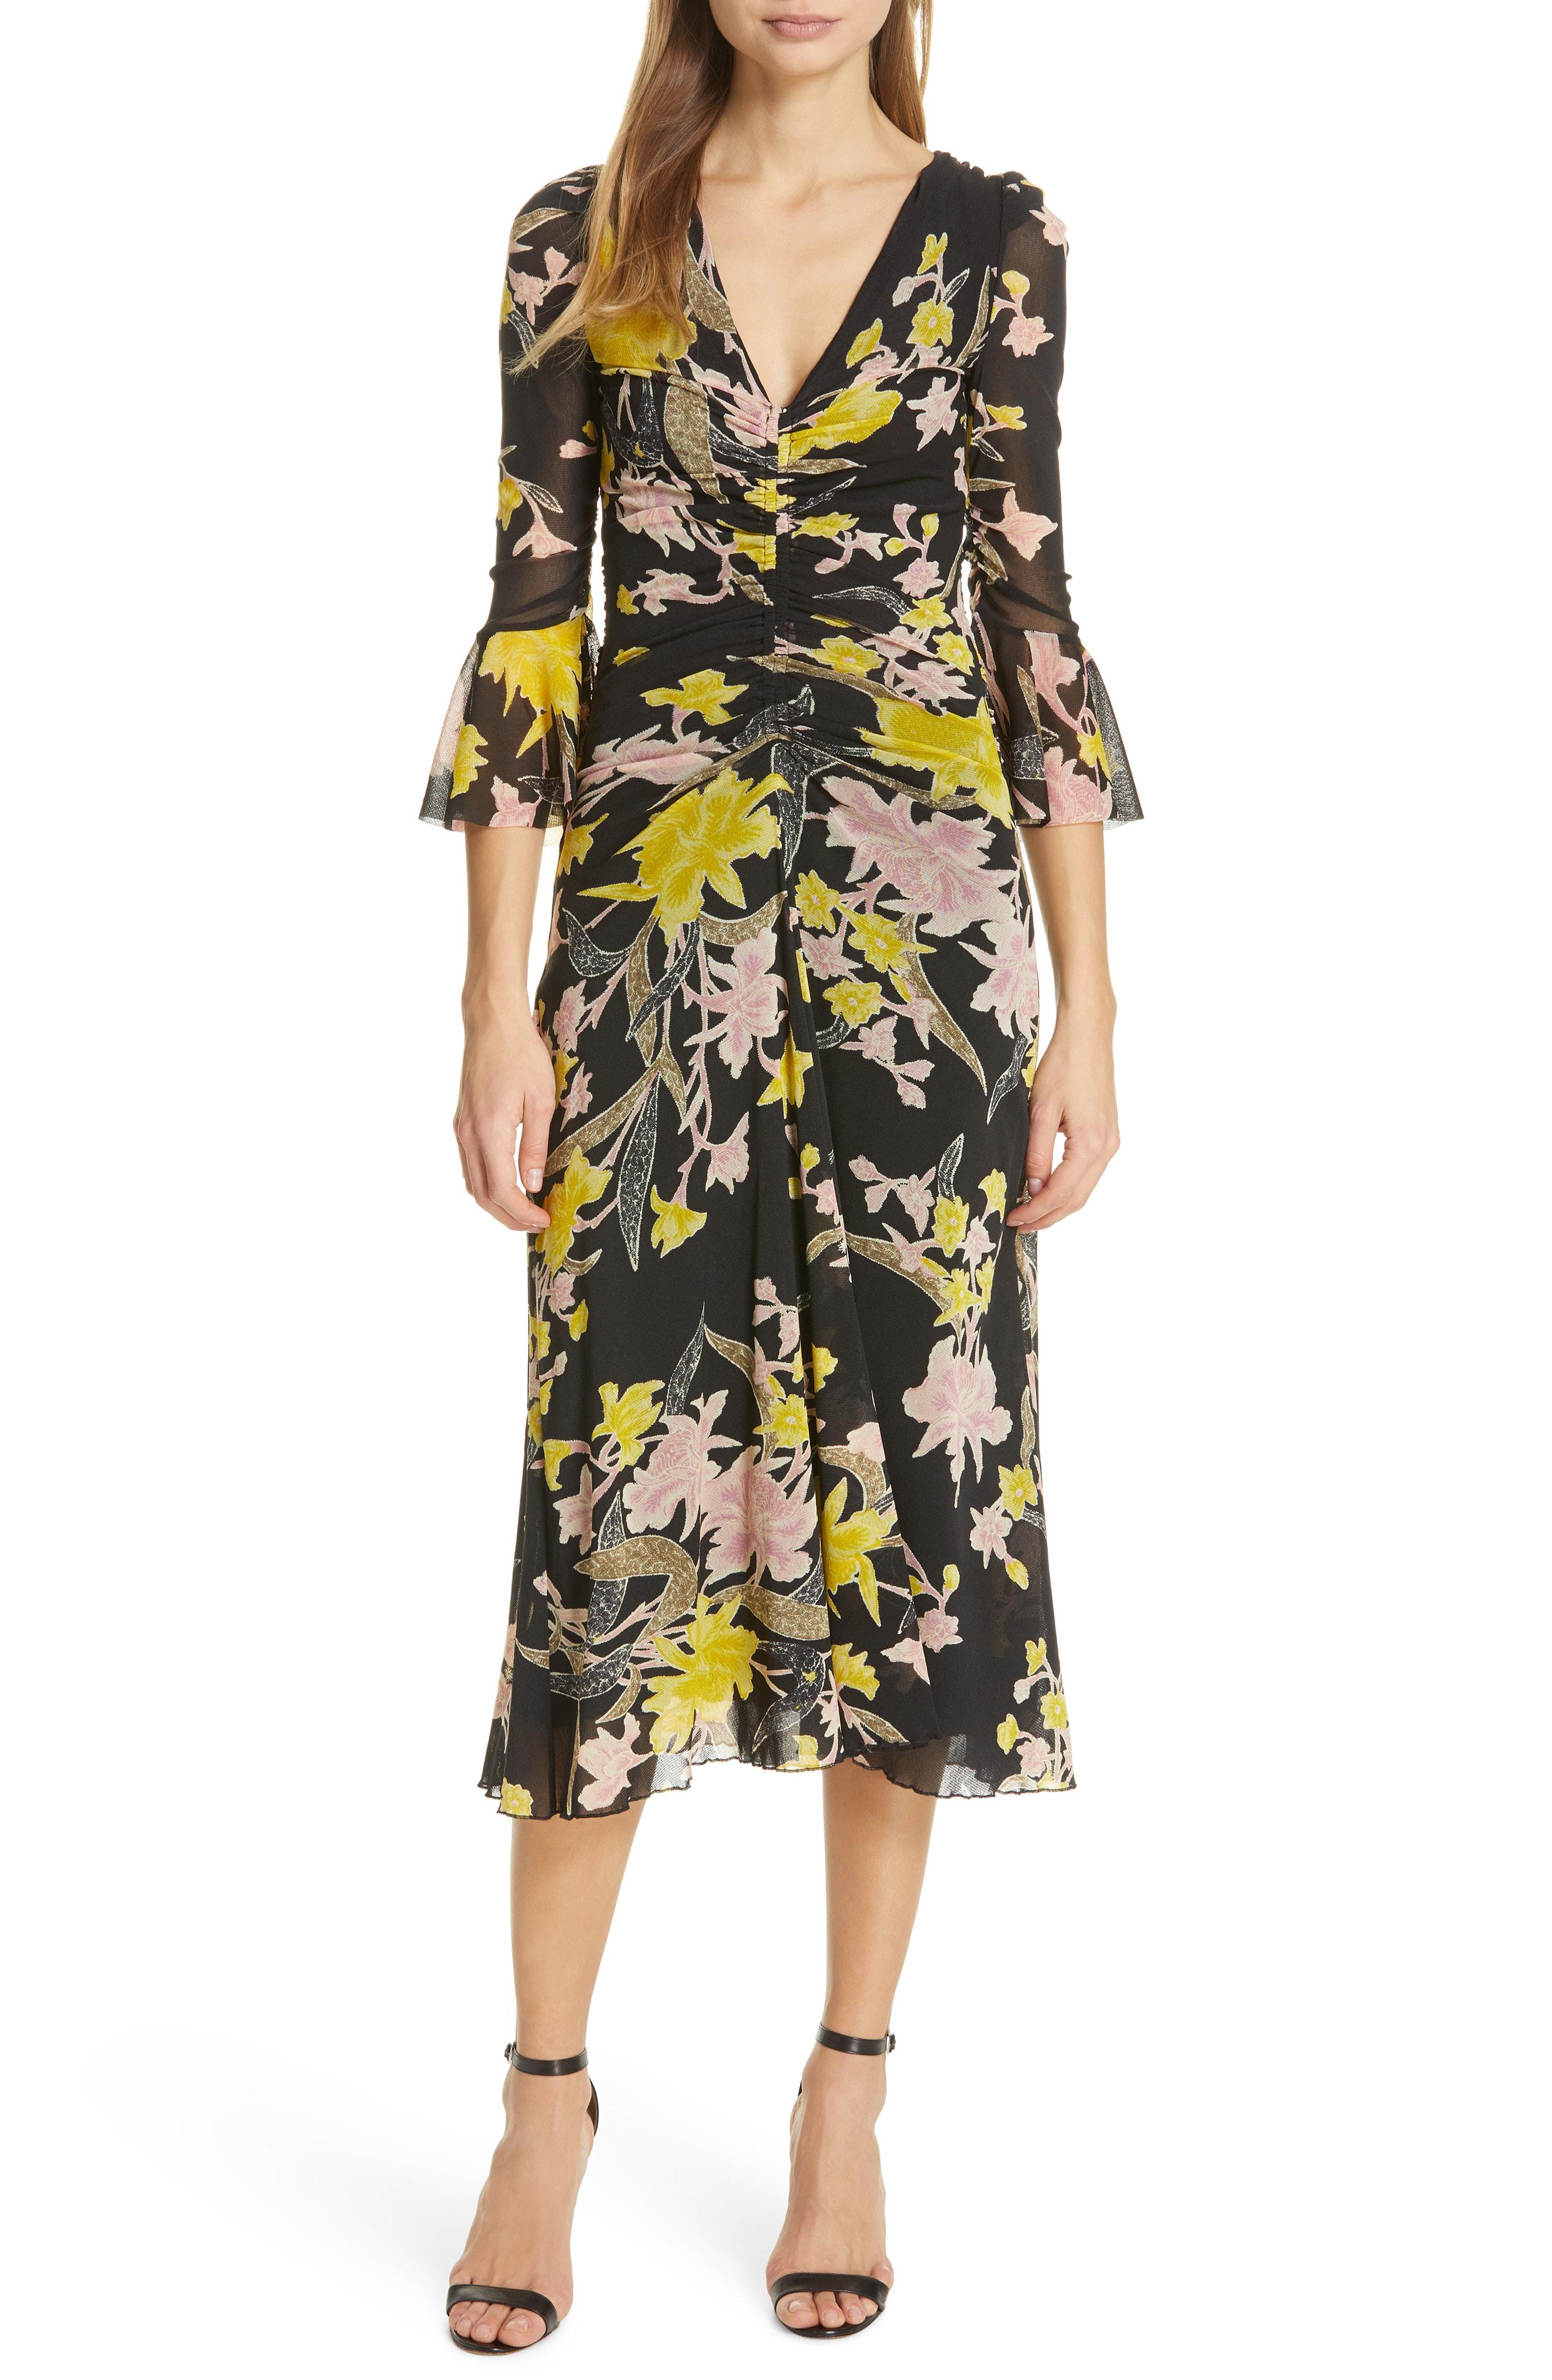 Diane von Furstenbergs Dresses That Mesmerize The World!